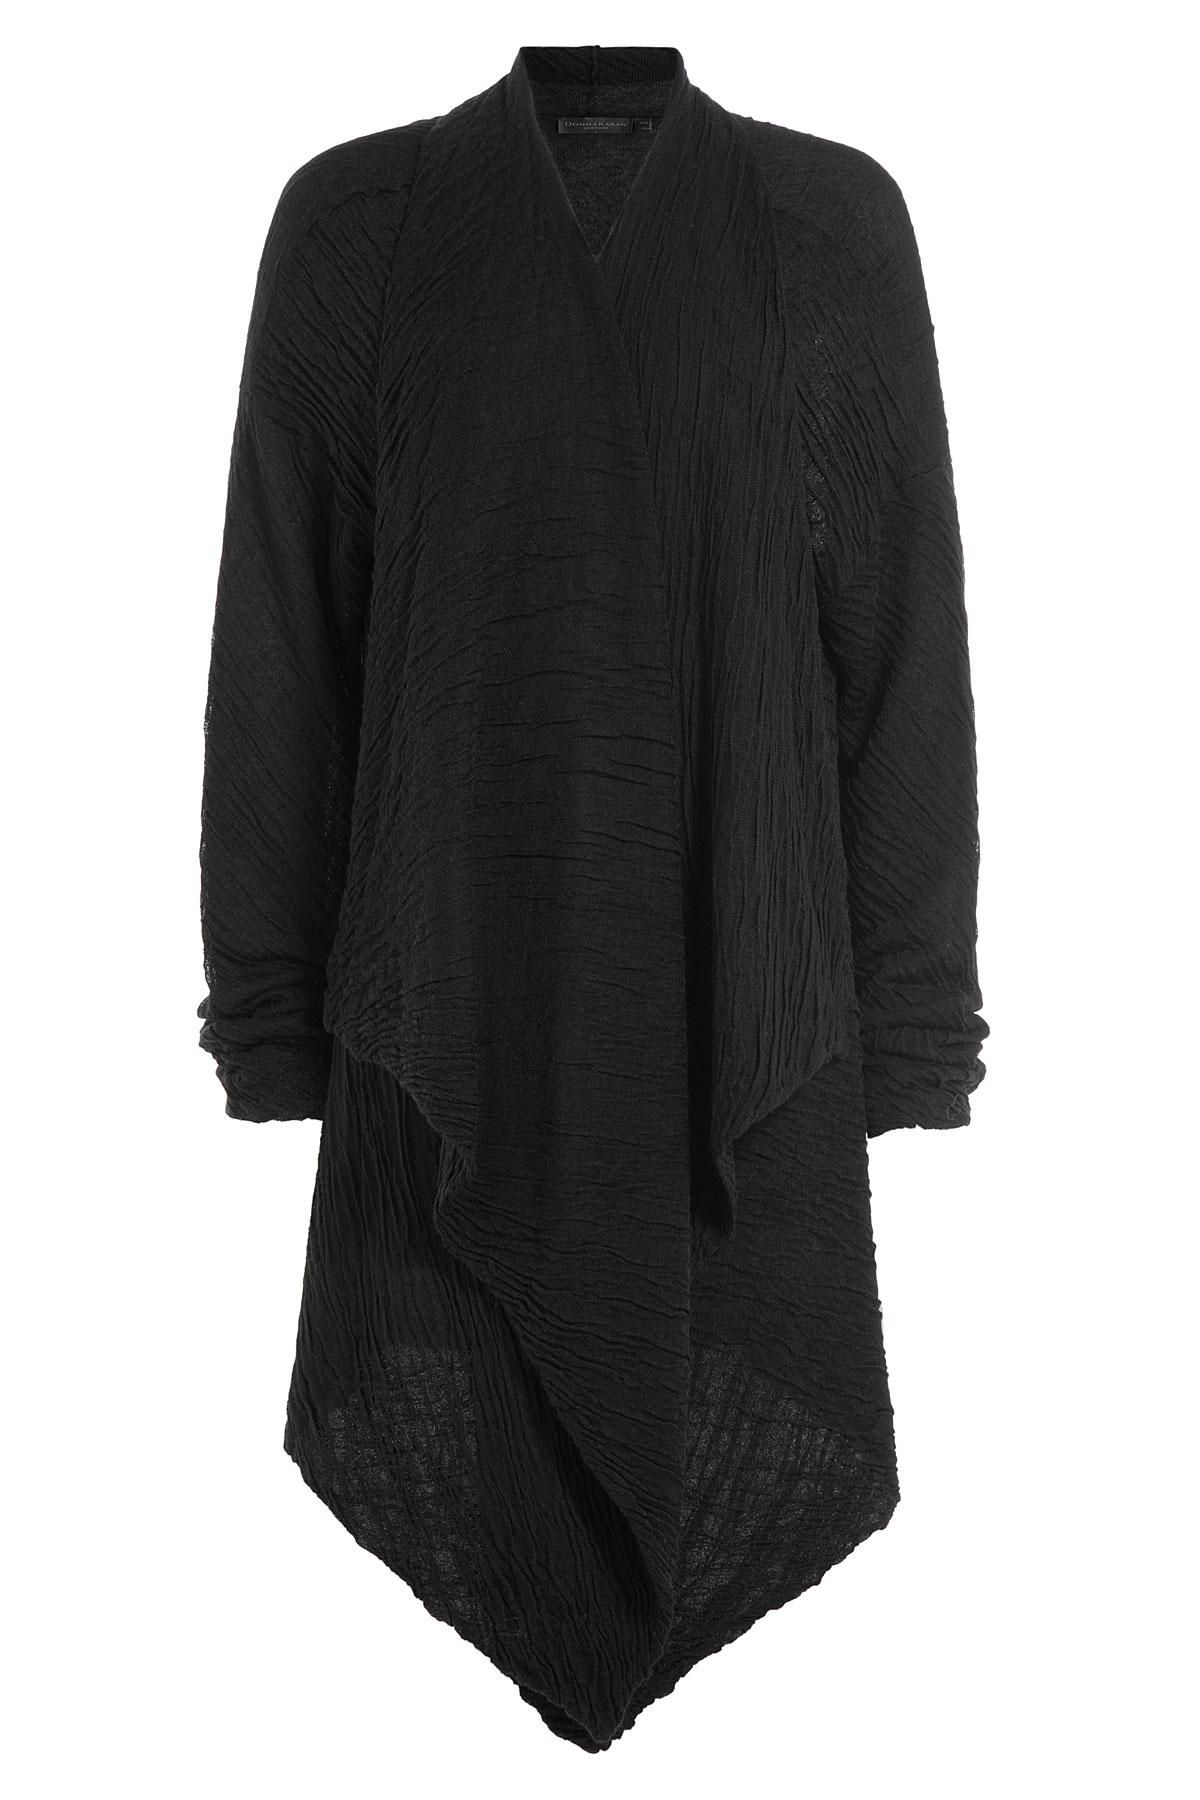 donna karan cashmere silk draped cardigan black in black. Black Bedroom Furniture Sets. Home Design Ideas